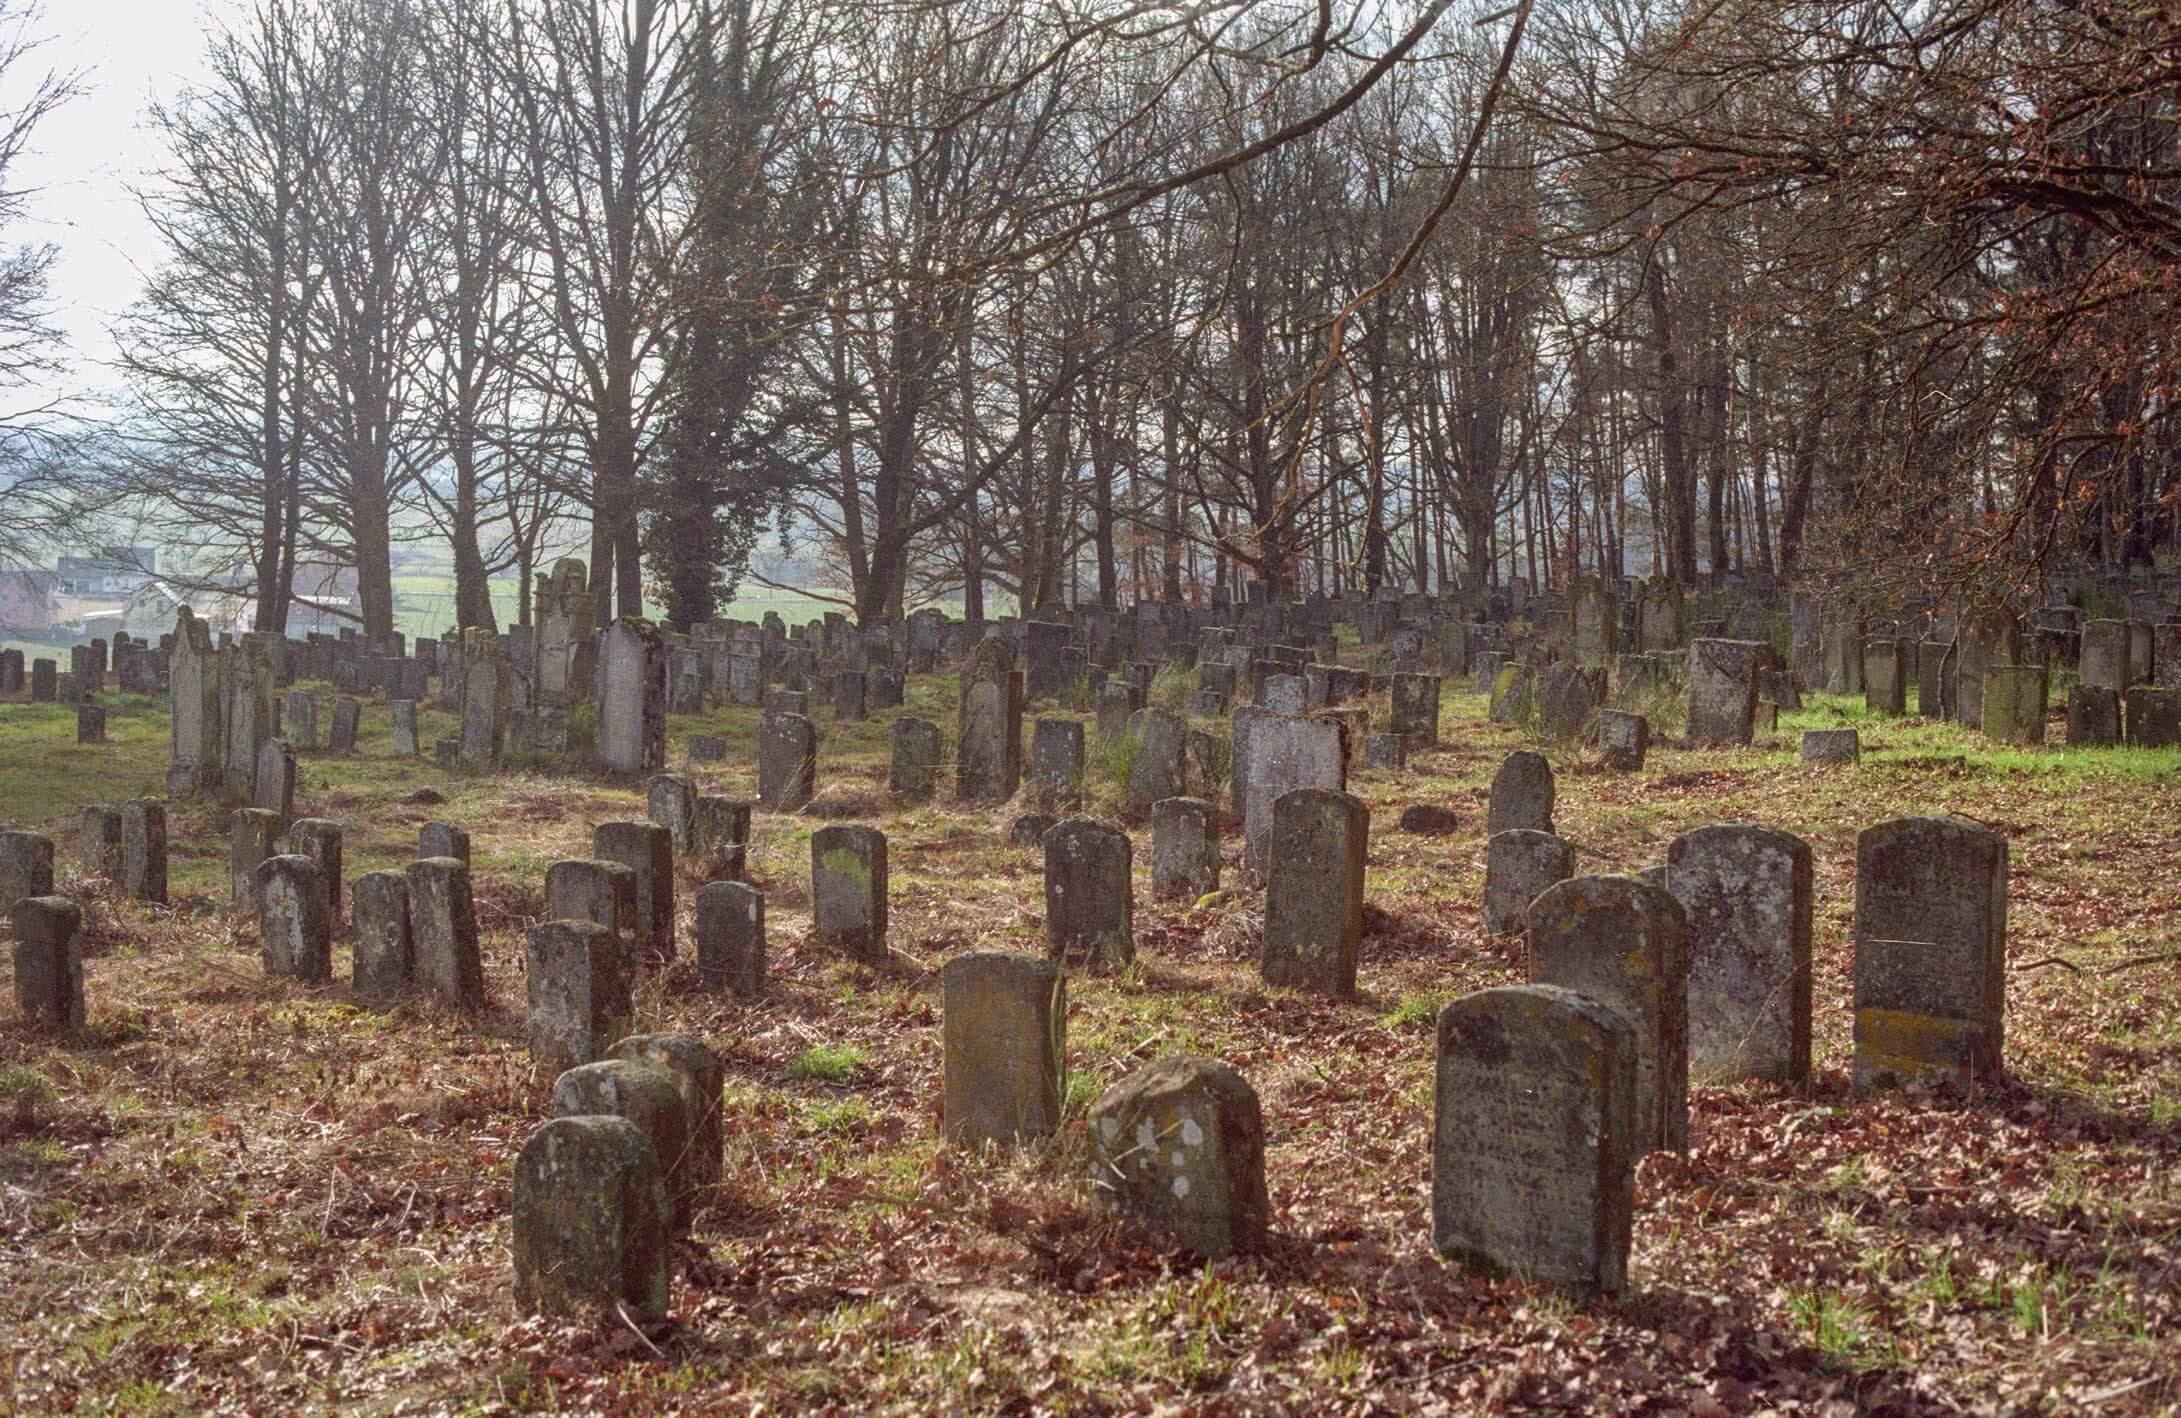 Impression des jüdischen Friedhofs in Bechhofen.